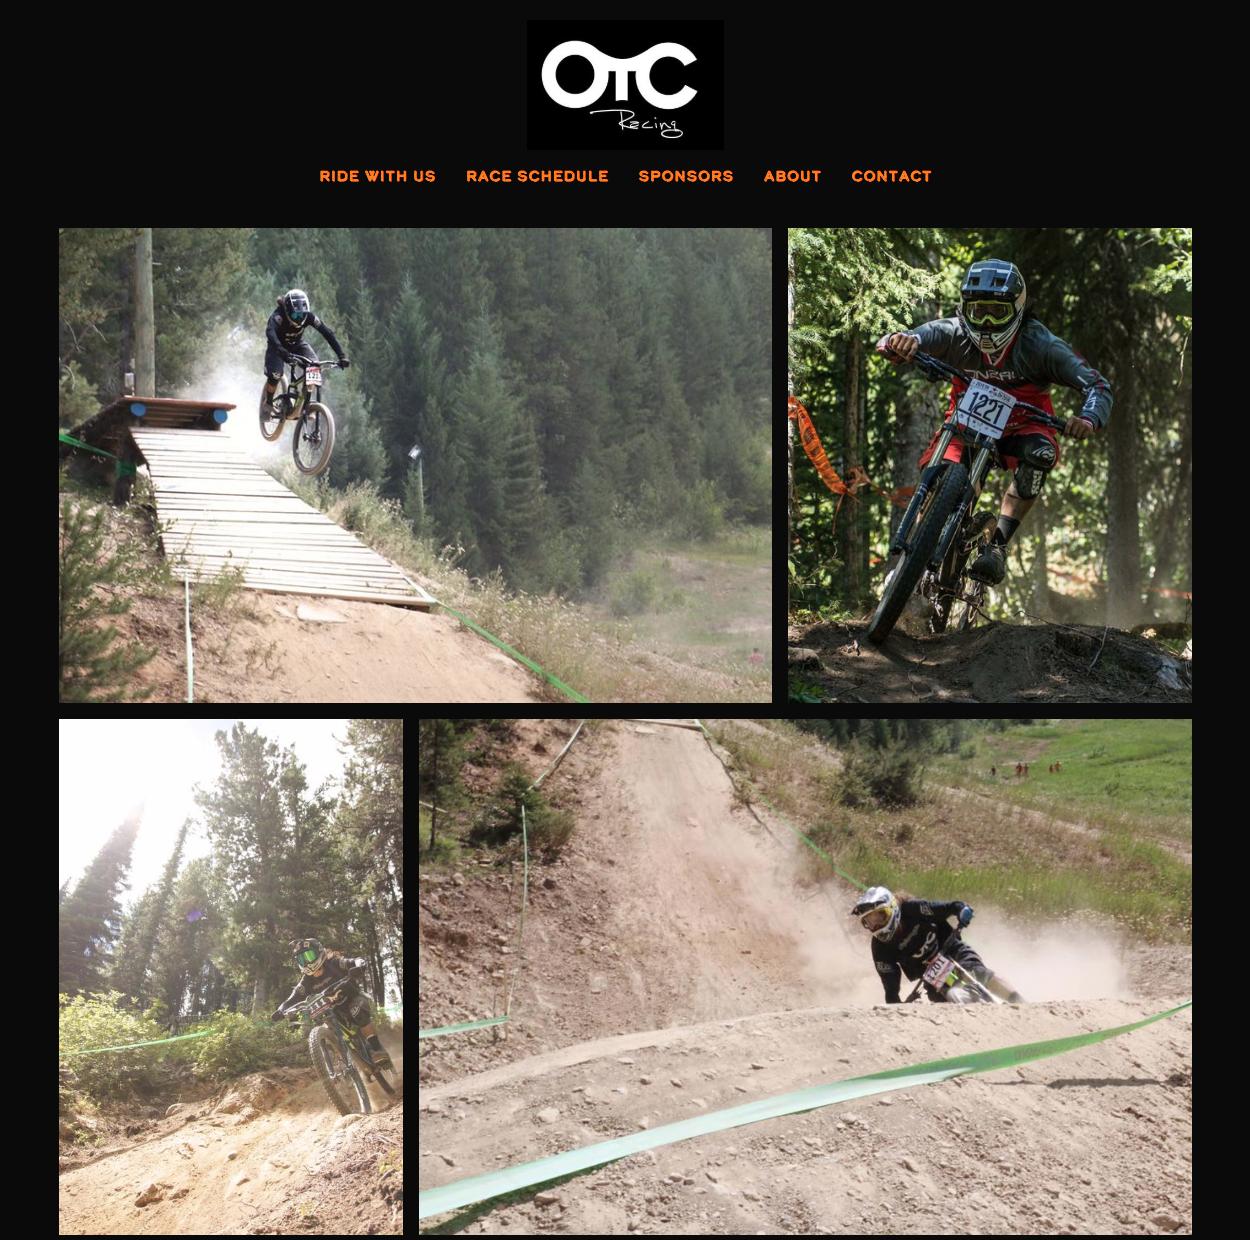 www.otcracing.ca - Website Coming Soon